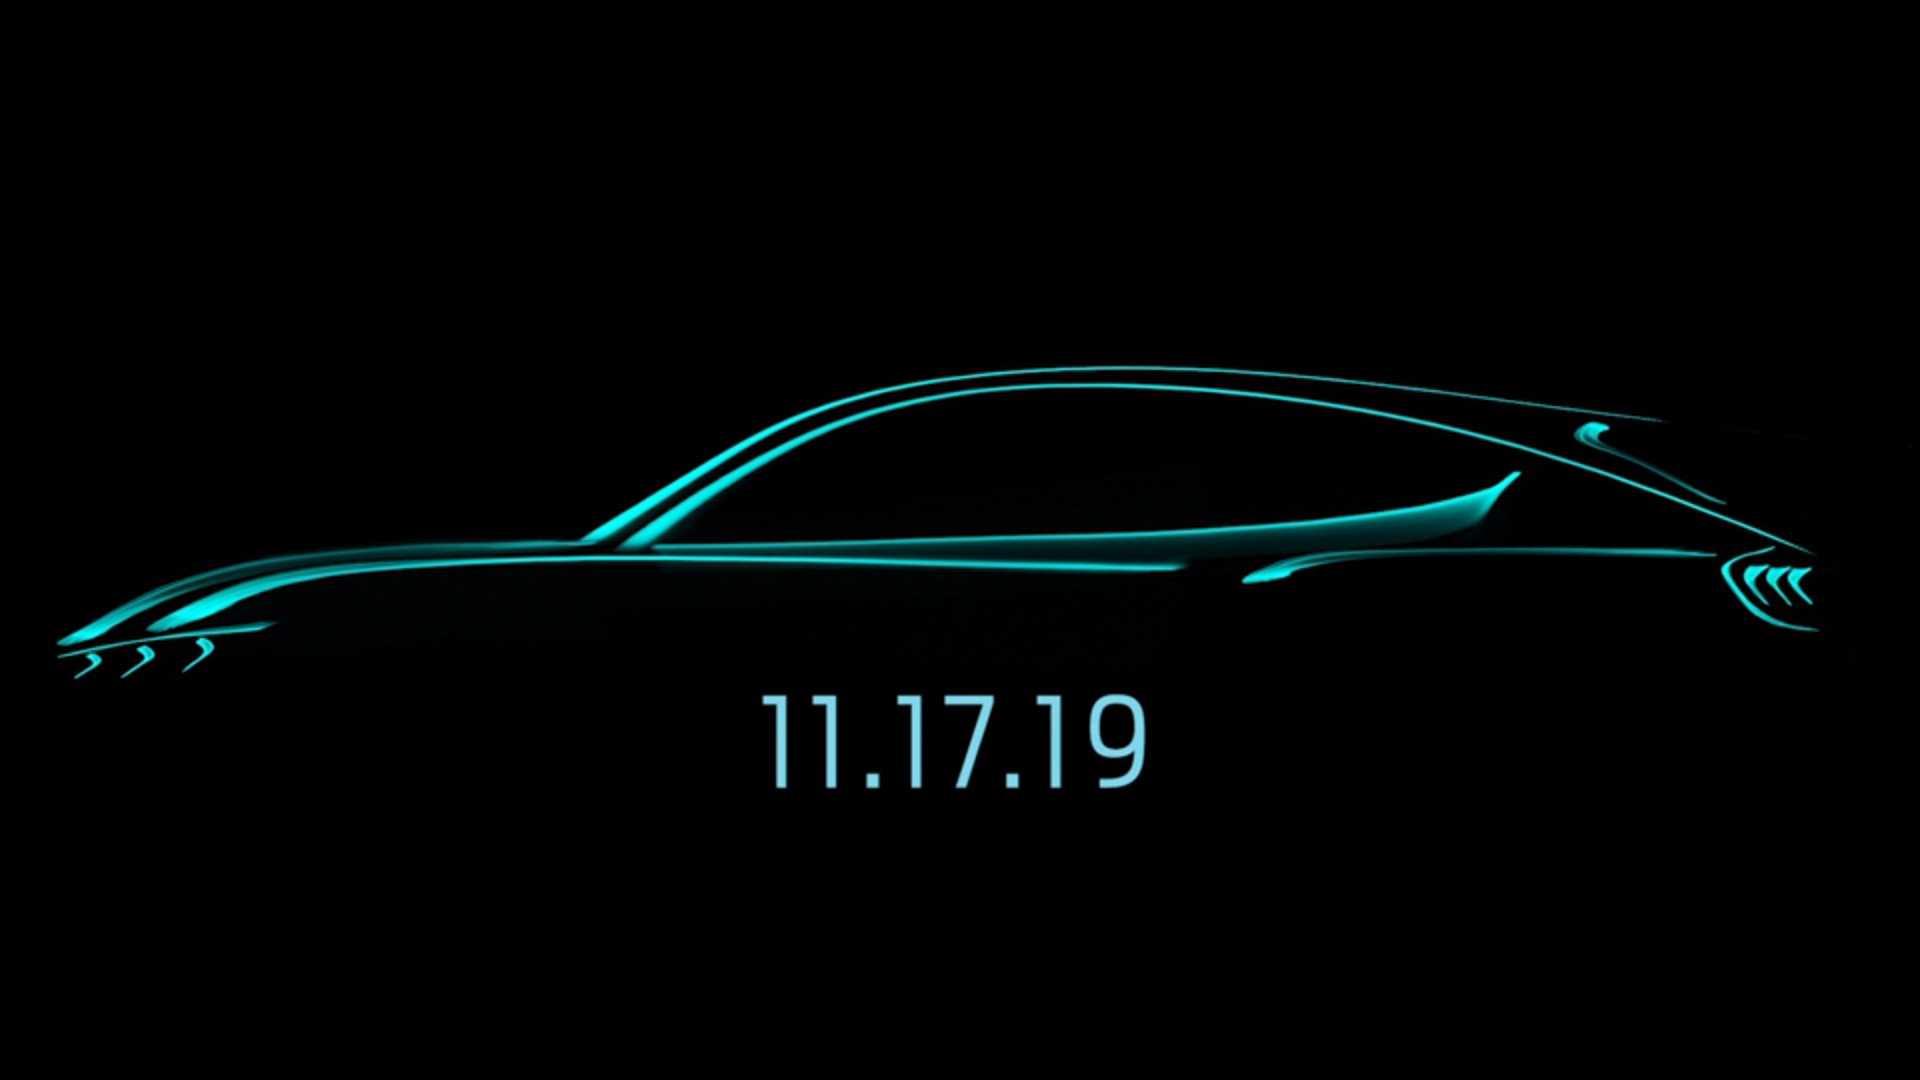 福特全新电动SUV定名Mustang Mach-E 11月17日正式亮相